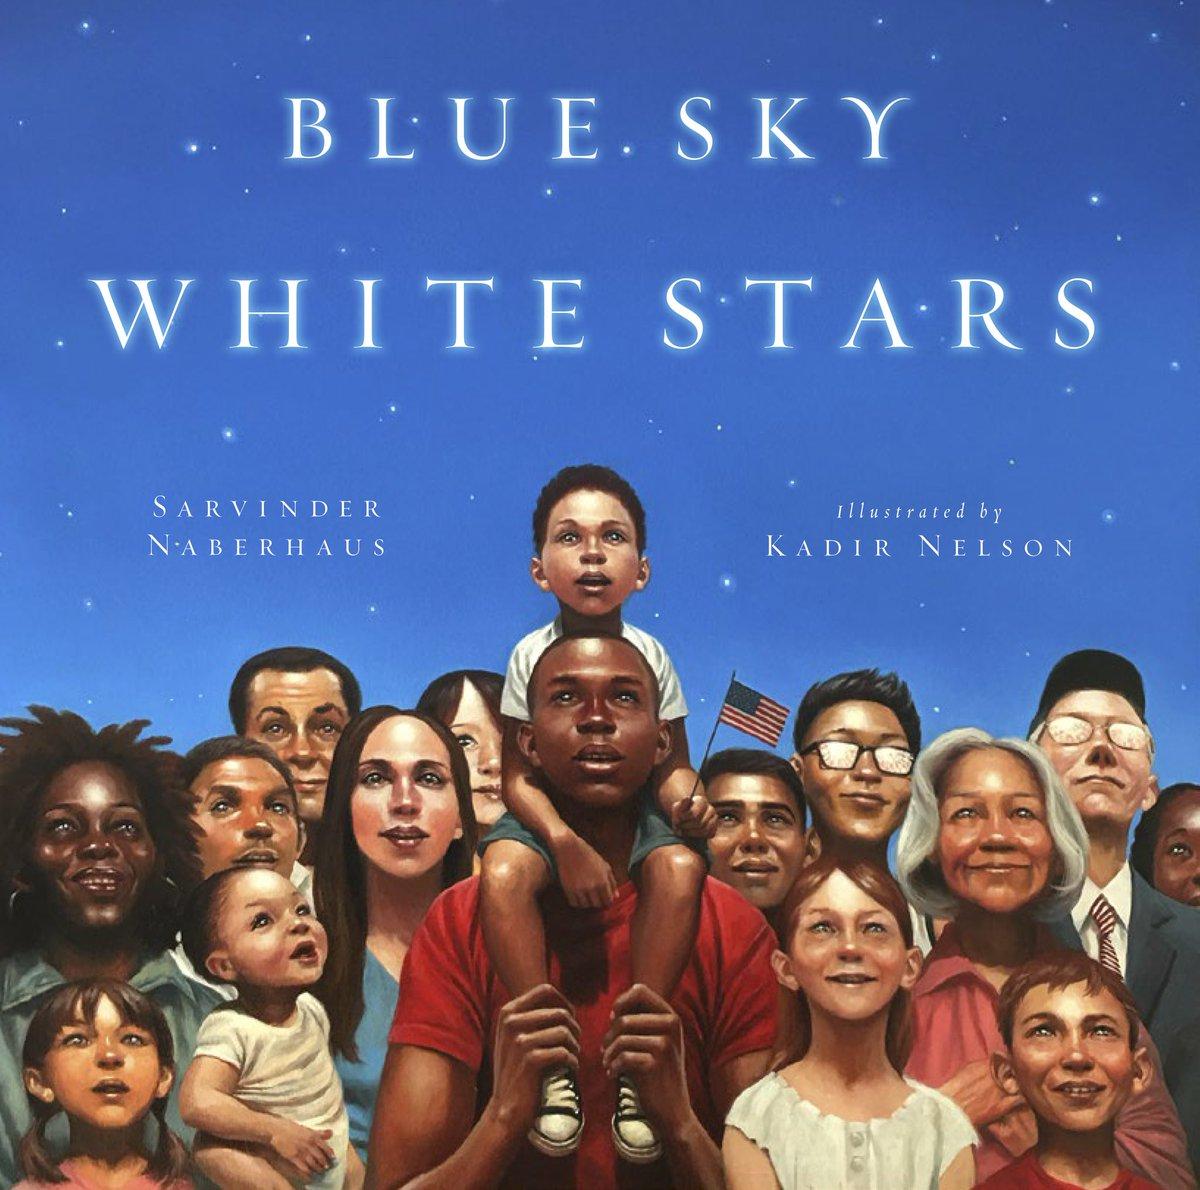 Book Buzz: Blue Sky White Stars